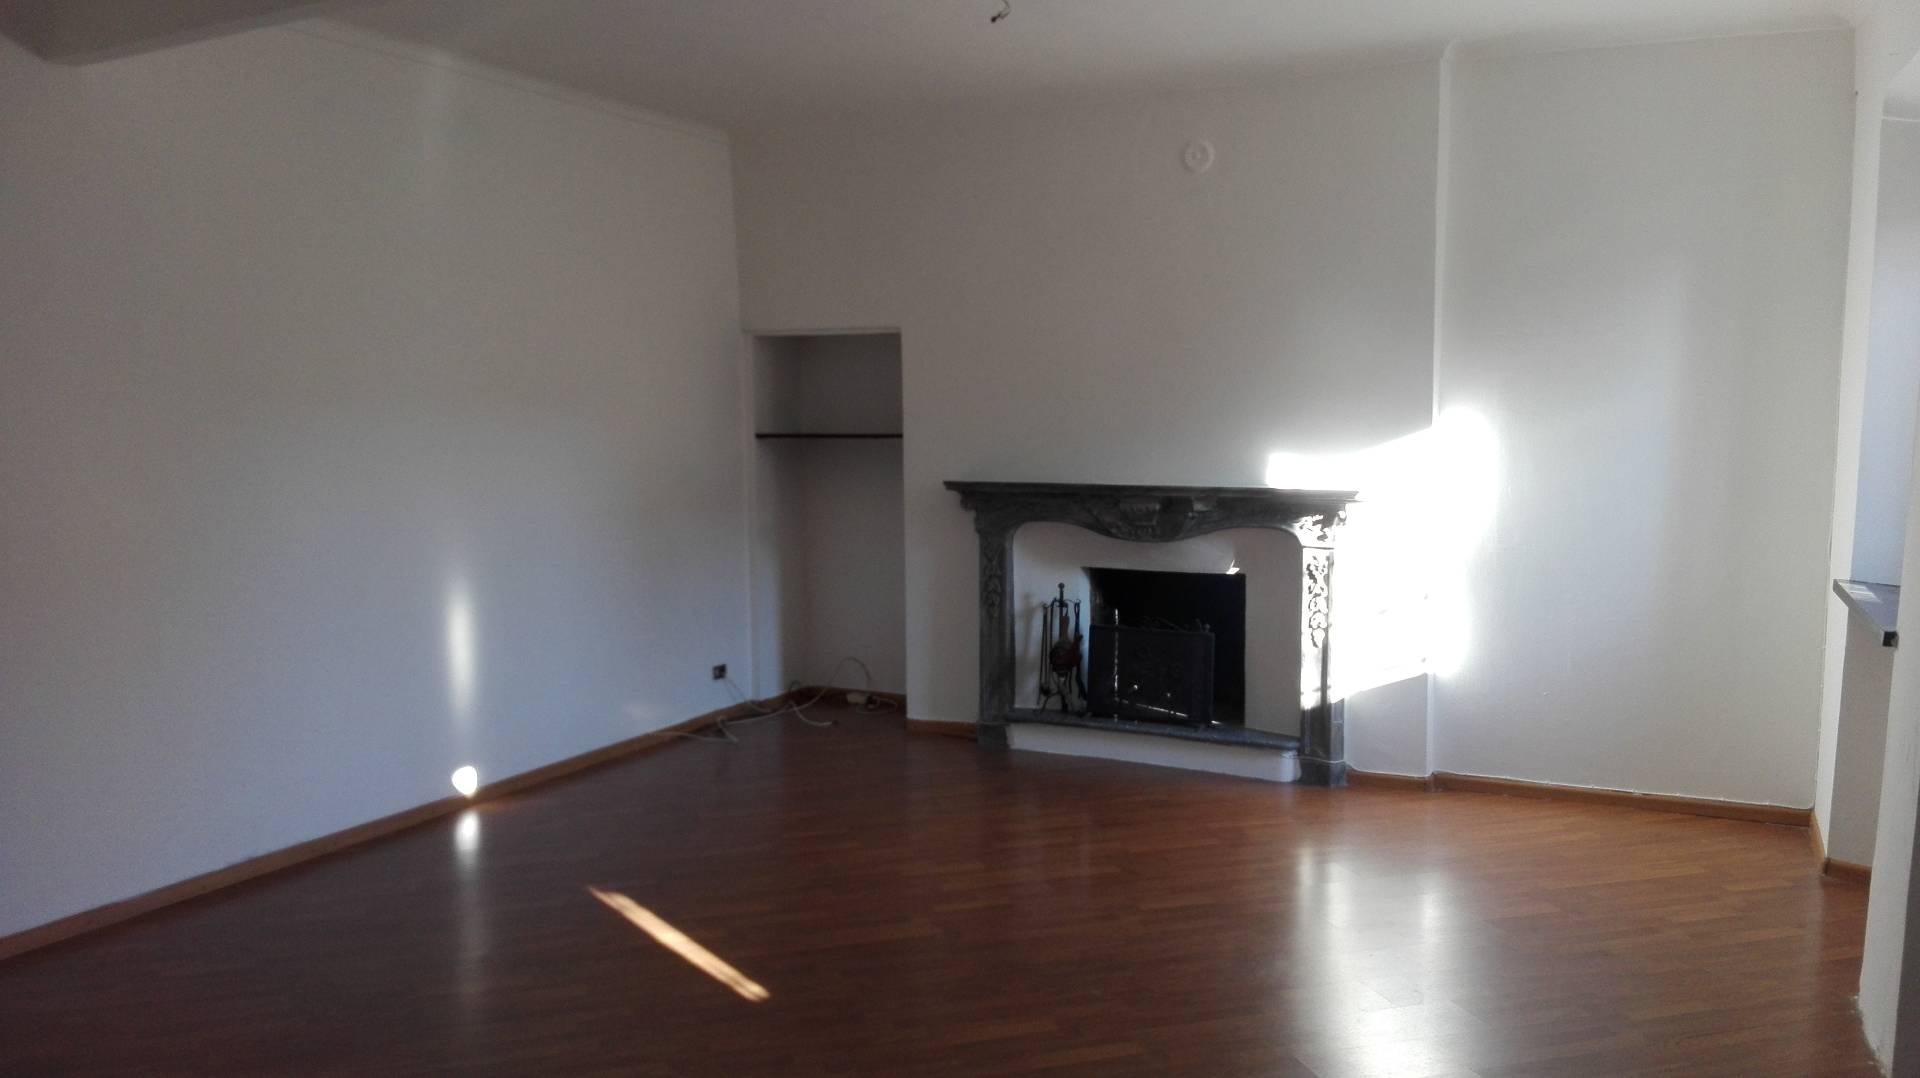 Soluzione Semindipendente in affitto a Rosignano Monferrato, 6 locali, prezzo € 400 | CambioCasa.it